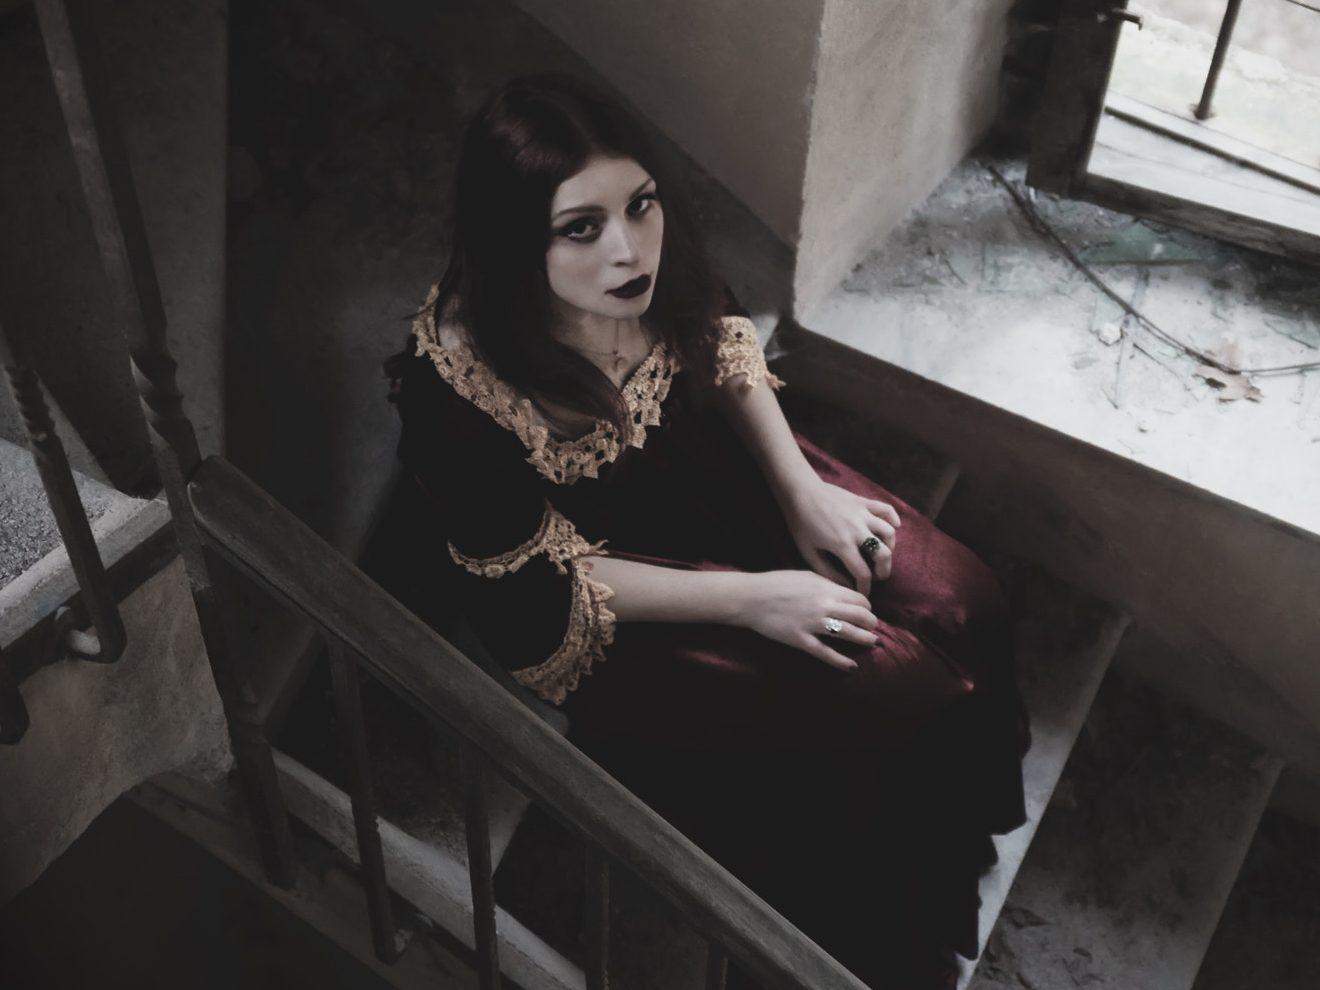 The Gothic, Violent Intervention of 'Une Semaine de bonté'